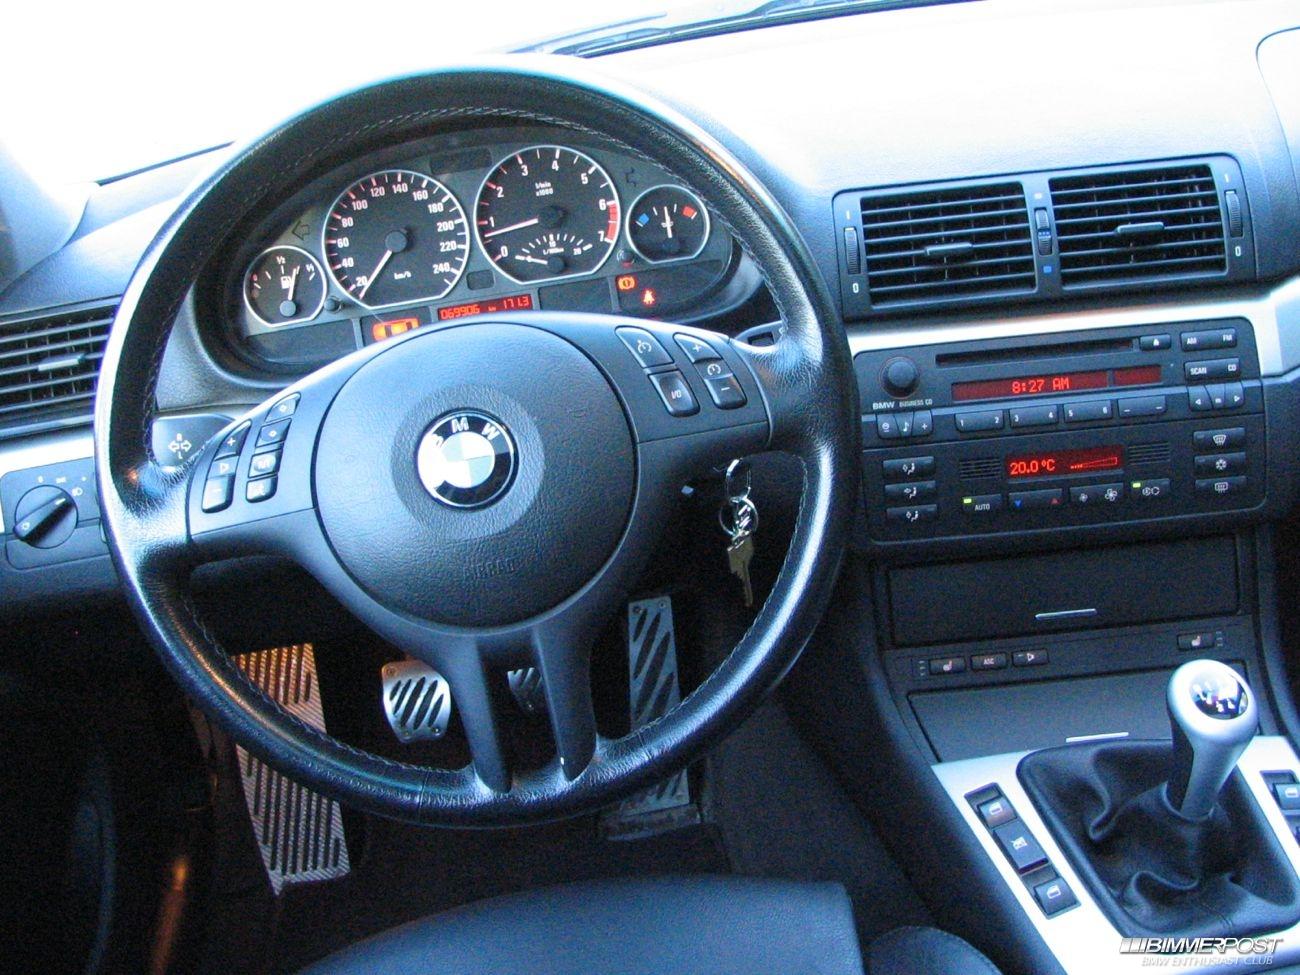 Rswbmw S 2005 Bmw 325i Bimmerpost Garage